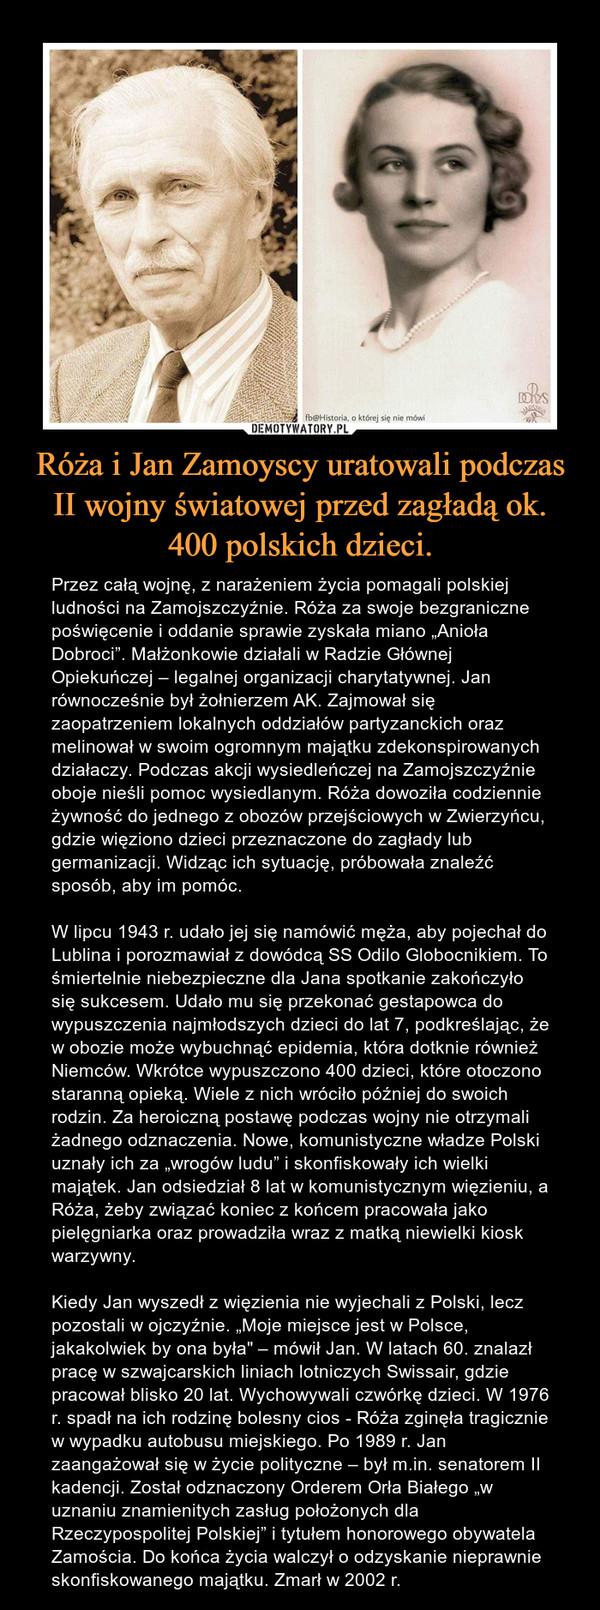 """Róża i Jan Zamoyscy uratowali podczas II wojny światowej przed zagładą ok. 400 polskich dzieci. – Przez całą wojnę, z narażeniem życia pomagali polskiej ludności na Zamojszczyźnie. Róża za swoje bezgraniczne poświęcenie i oddanie sprawie zyskała miano """"Anioła Dobroci"""". Małżonkowie działali w Radzie Głównej Opiekuńczej – legalnej organizacji charytatywnej. Jan równocześnie był żołnierzem AK. Zajmował się zaopatrzeniem lokalnych oddziałów partyzanckich oraz melinował w swoim ogromnym majątku zdekonspirowanych działaczy. Podczas akcji wysiedleńczej na Zamojszczyźnie oboje nieśli pomoc wysiedlanym. Róża dowoziła codziennie żywność do jednego z obozów przejściowych w Zwierzyńcu, gdzie więziono dzieci przeznaczone do zagłady lub germanizacji. Widząc ich sytuację, próbowała znaleźć sposób, aby im pomóc.W lipcu 1943 r. udało jej się namówić męża, aby pojechał do Lublina i porozmawiał z dowódcą SS Odilo Globocnikiem. To śmiertelnie niebezpieczne dla Jana spotkanie zakończyło się sukcesem. Udało mu się przekonać gestapowca do wypuszczenia najmłodszych dzieci do lat 7, podkreślając, że w obozie może wybuchnąć epidemia, która dotknie również Niemców. Wkrótce wypuszczono 400 dzieci, które otoczono staranną opieką. Wiele z nich wróciło później do swoich rodzin. Za heroiczną postawę podczas wojny nie otrzymali żadnego odznaczenia. Nowe, komunistyczne władze Polski uznały ich za """"wrogów ludu"""" i skonfiskowały ich wielki majątek. Jan odsiedział 8 lat w komunistycznym więzieniu, a Róża, żeby związać koniec z końcem pracowała jako pielęgniarka oraz prowadziła wraz z matką niewielki kiosk warzywny.Kiedy Jan wyszedł z więzienia nie wyjechali z Polski, lecz pozostali w ojczyźnie. """"Moje miejsce jest w Polsce, jakakolwiek by ona była"""" – mówił Jan. W latach 60. znalazł pracę w szwajcarskich liniach lotniczych Swissair, gdzie pracował blisko 20 lat. Wychowywali czwórkę dzieci. W 1976 r. spadł na ich rodzinę bolesny cios - Róża zginęła tragicznie w wypadku autobusu miejskiego. Po 1989 r. Jan z"""